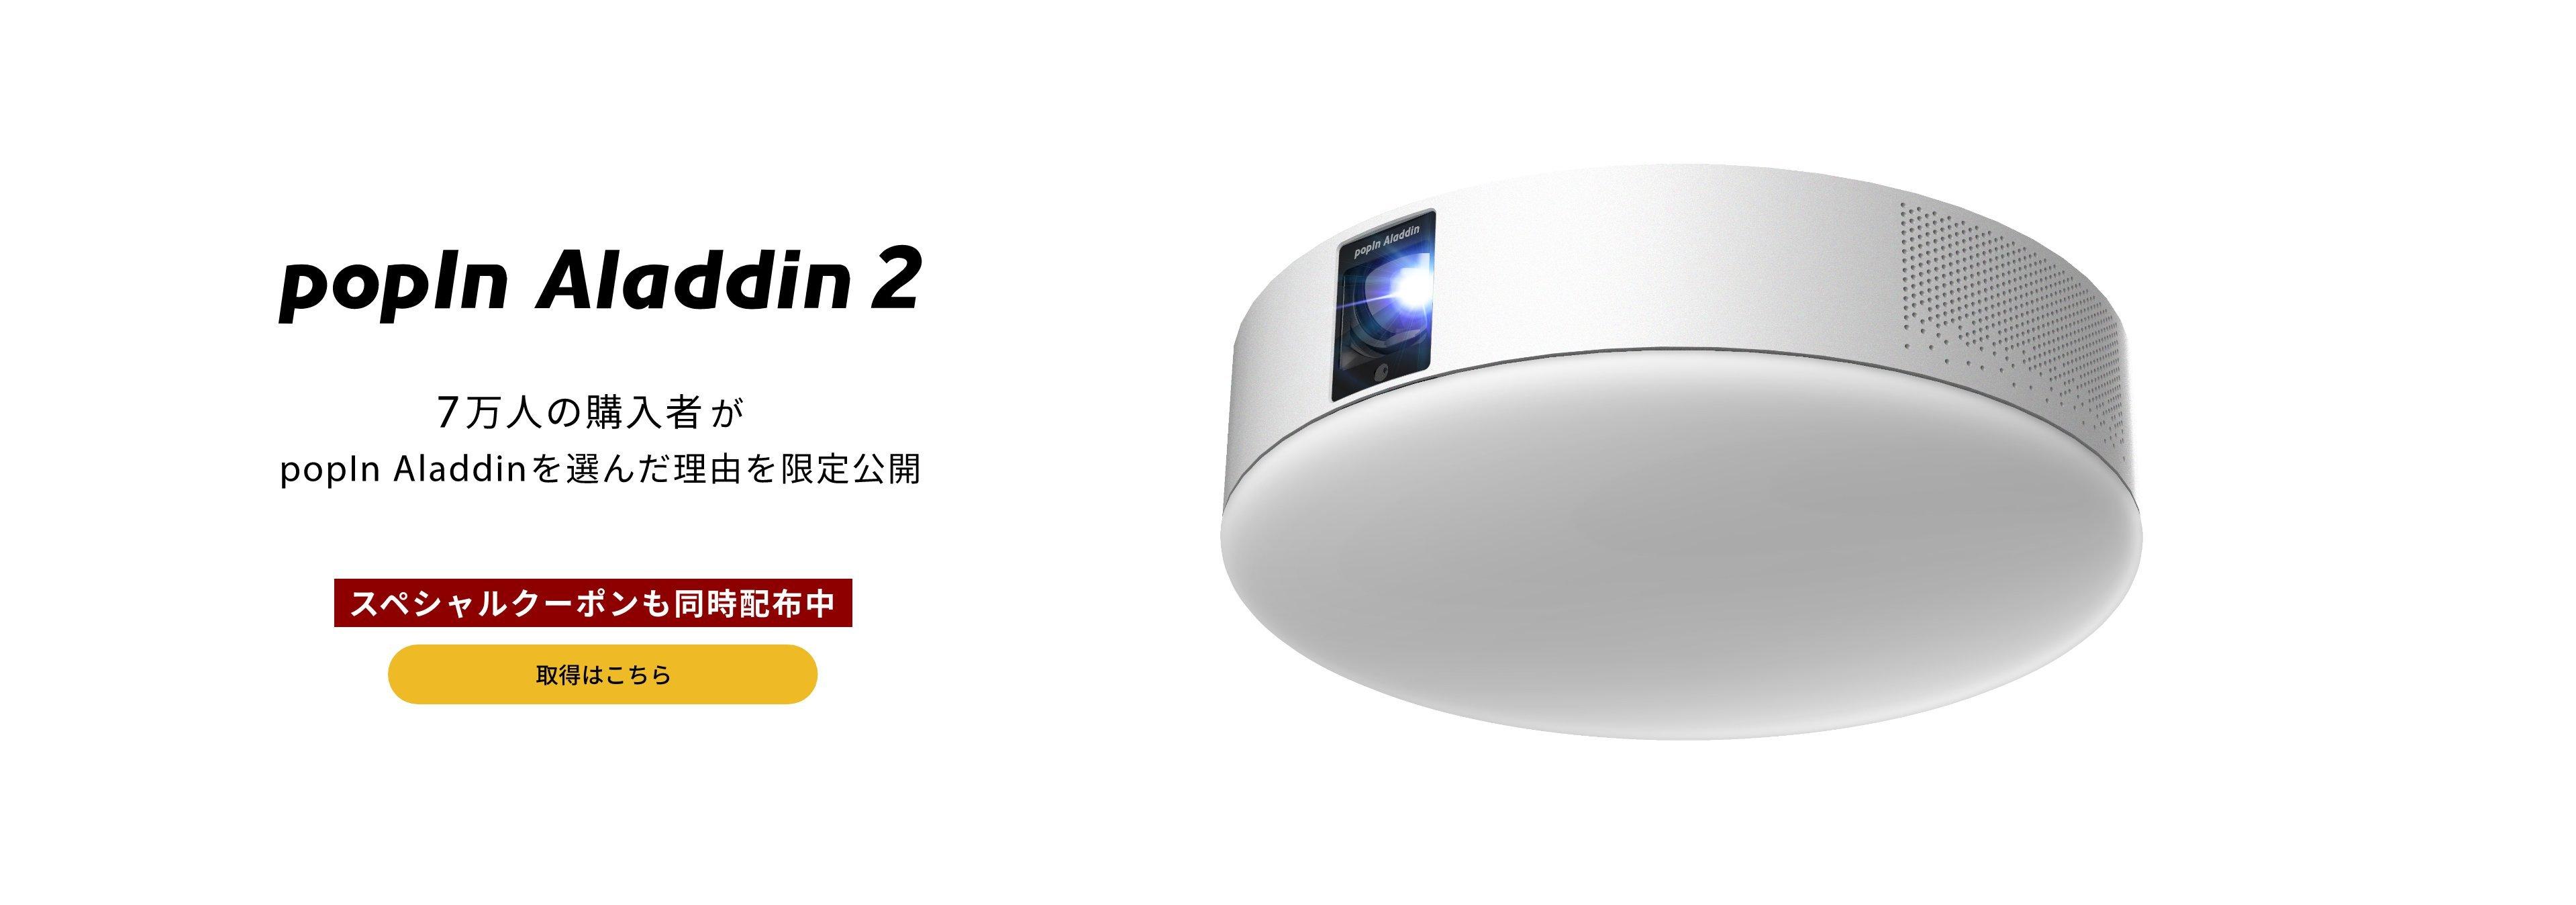 【ポップインアラジン2】最新プロジェクター付きシーリングライトを解説!初代との比較もの画像